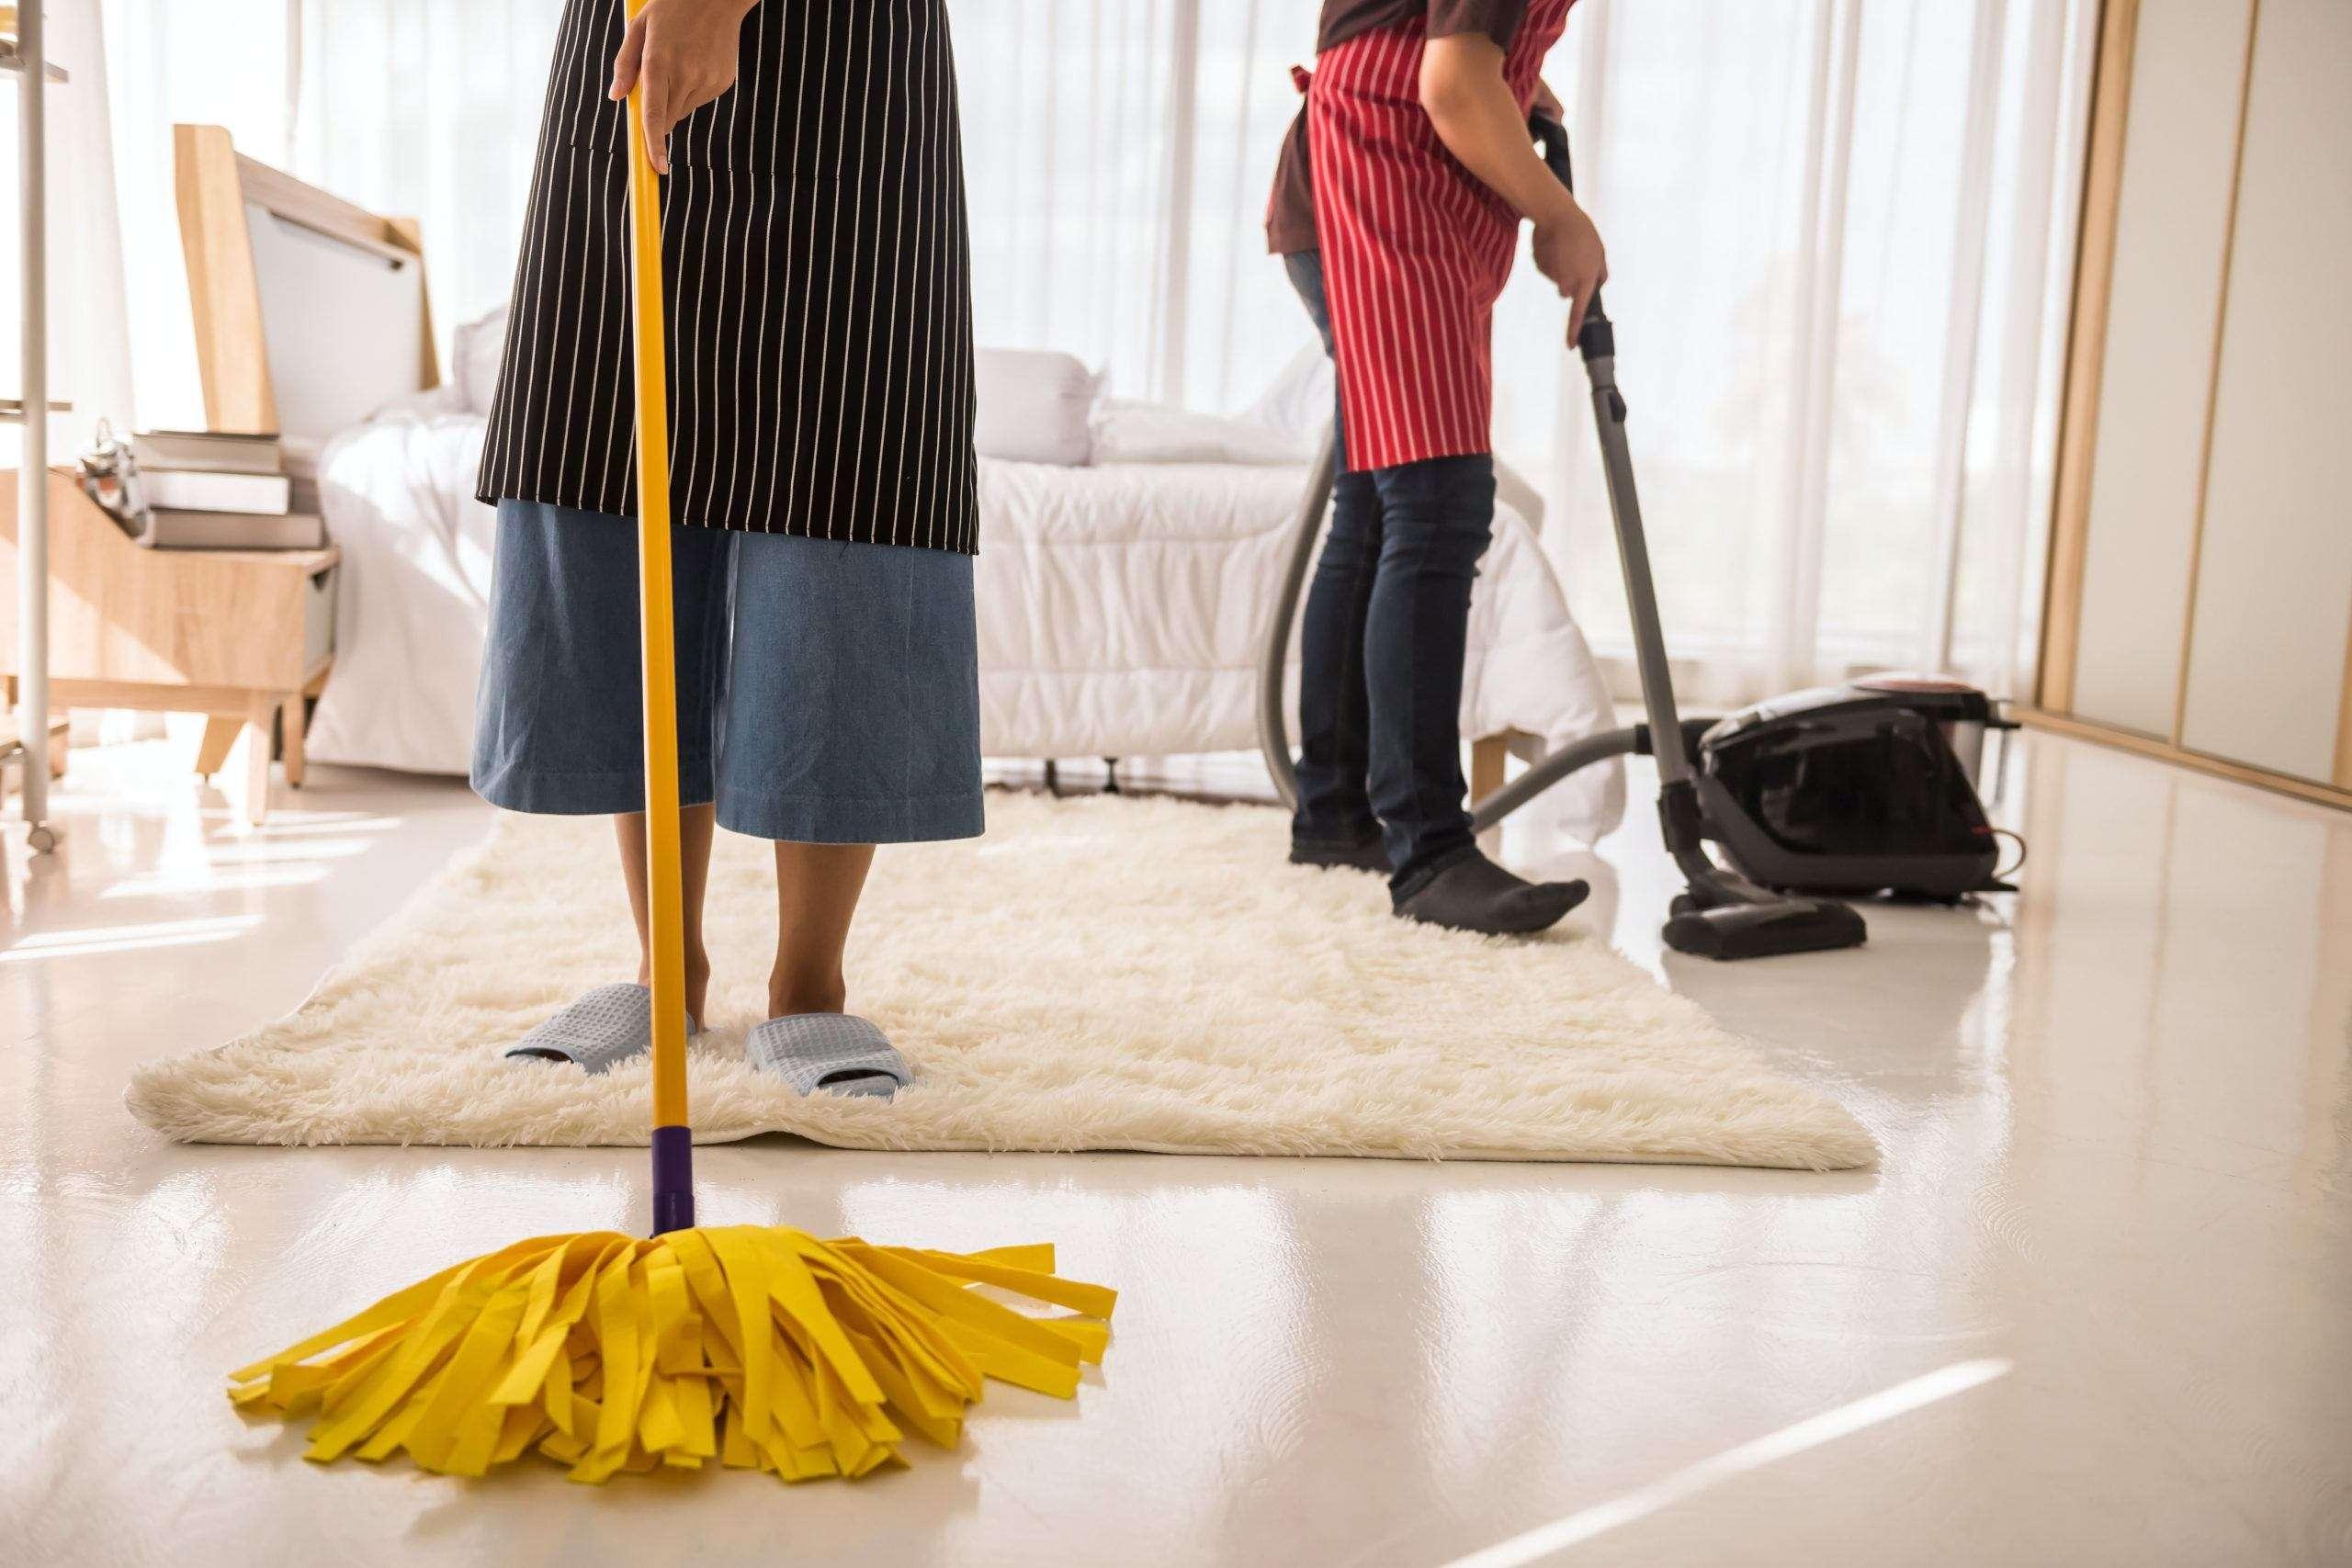 pulire-bene-casa-da-cima-a-fondo